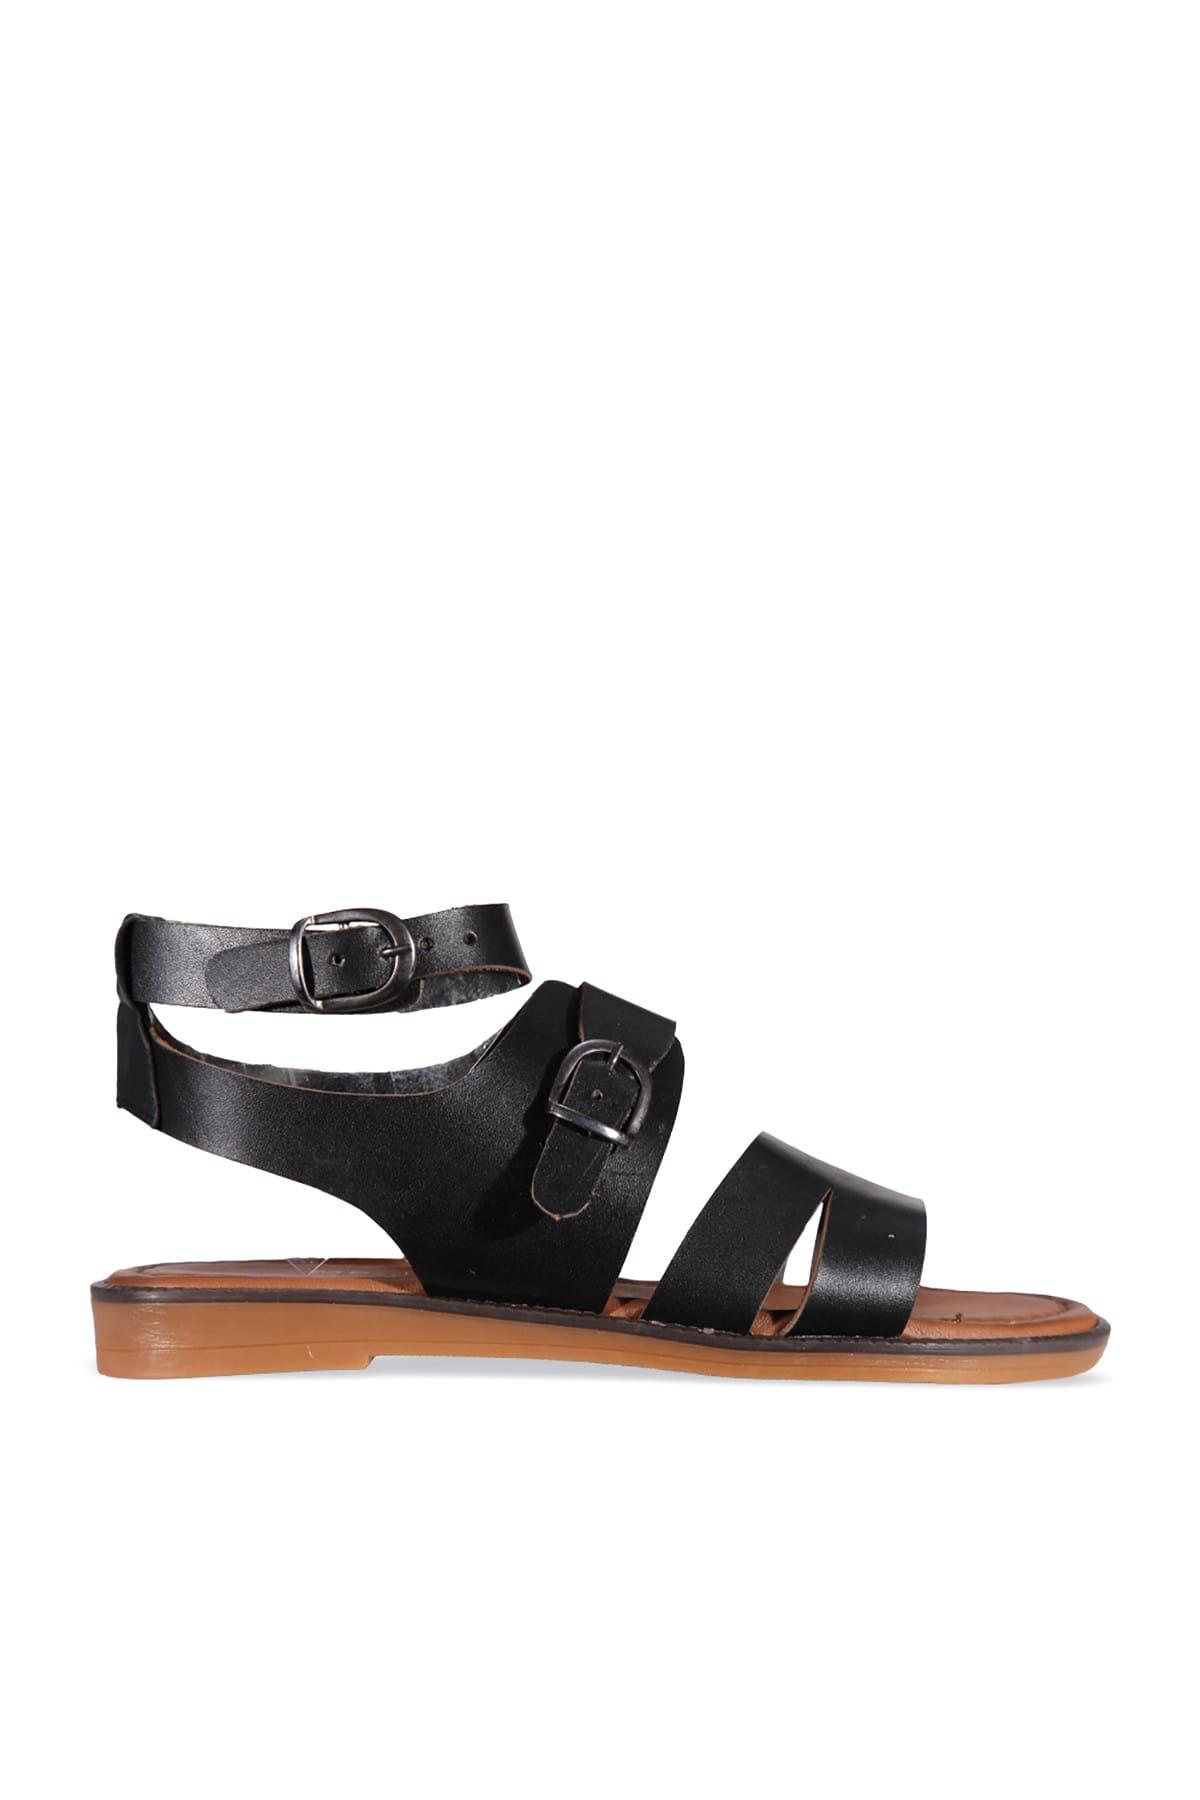 MP Kadın Sandalet - 191-7624ZN 1